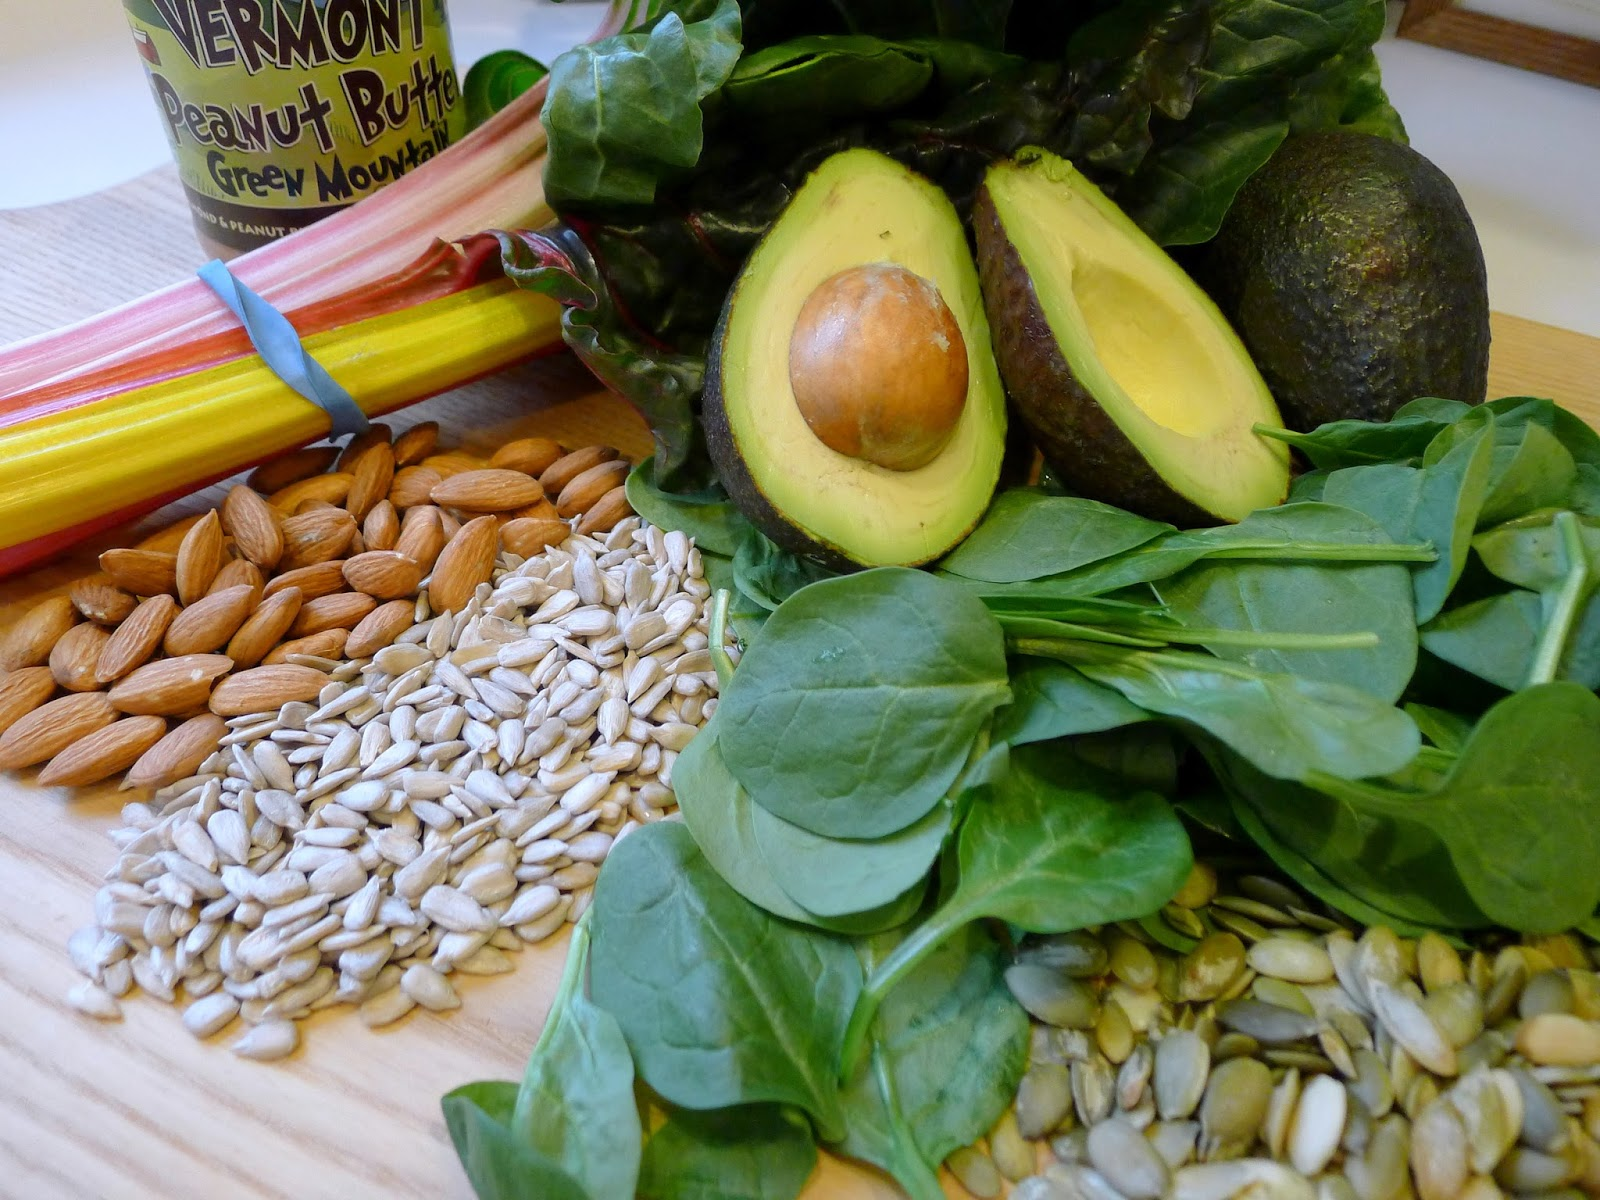 50 Makanan, Buah, Sayuran yang Mengandung Lemak Jenuh dan Lemak Tidak Jenuh